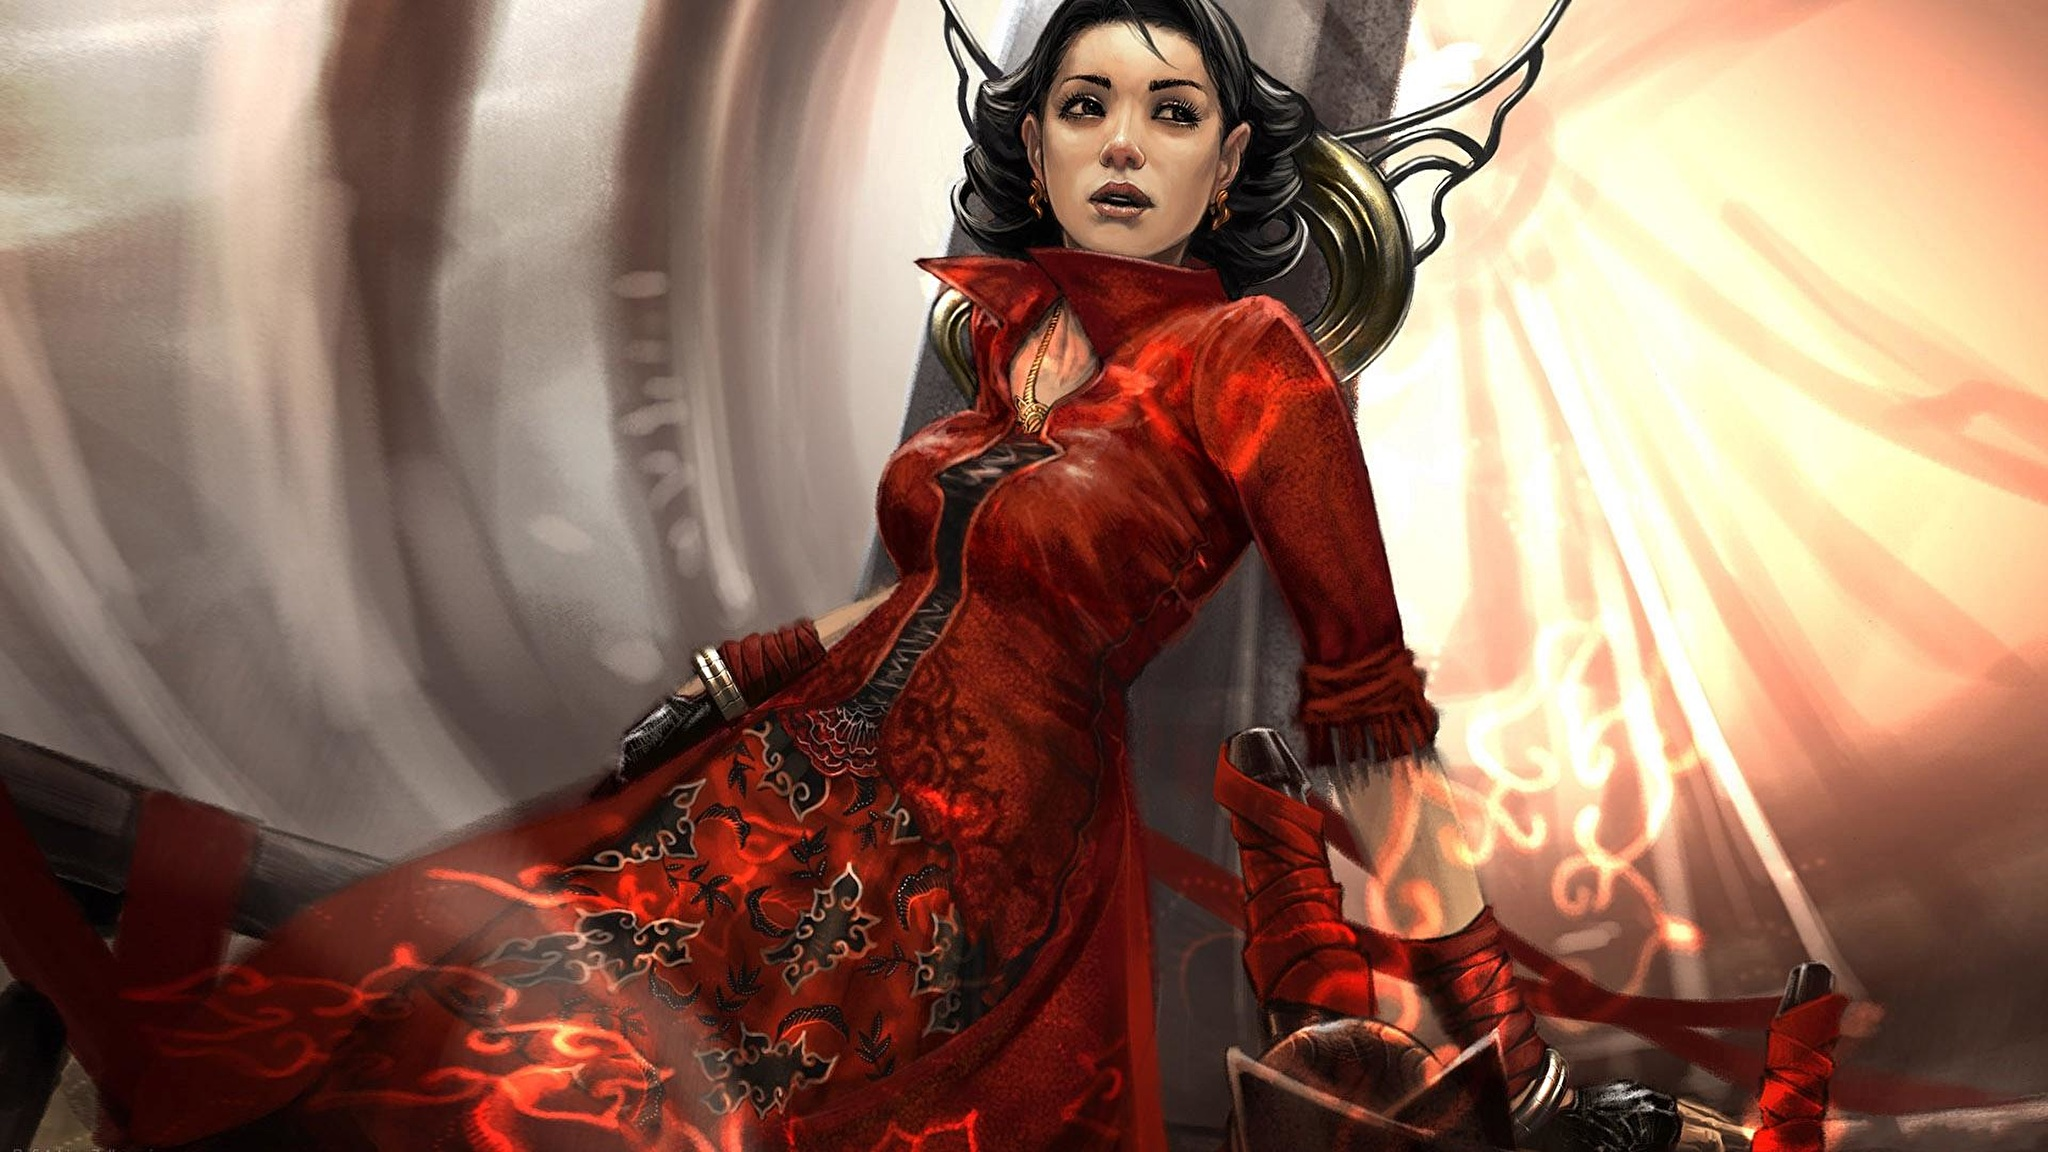 Красный девушка фантастика без регистрации